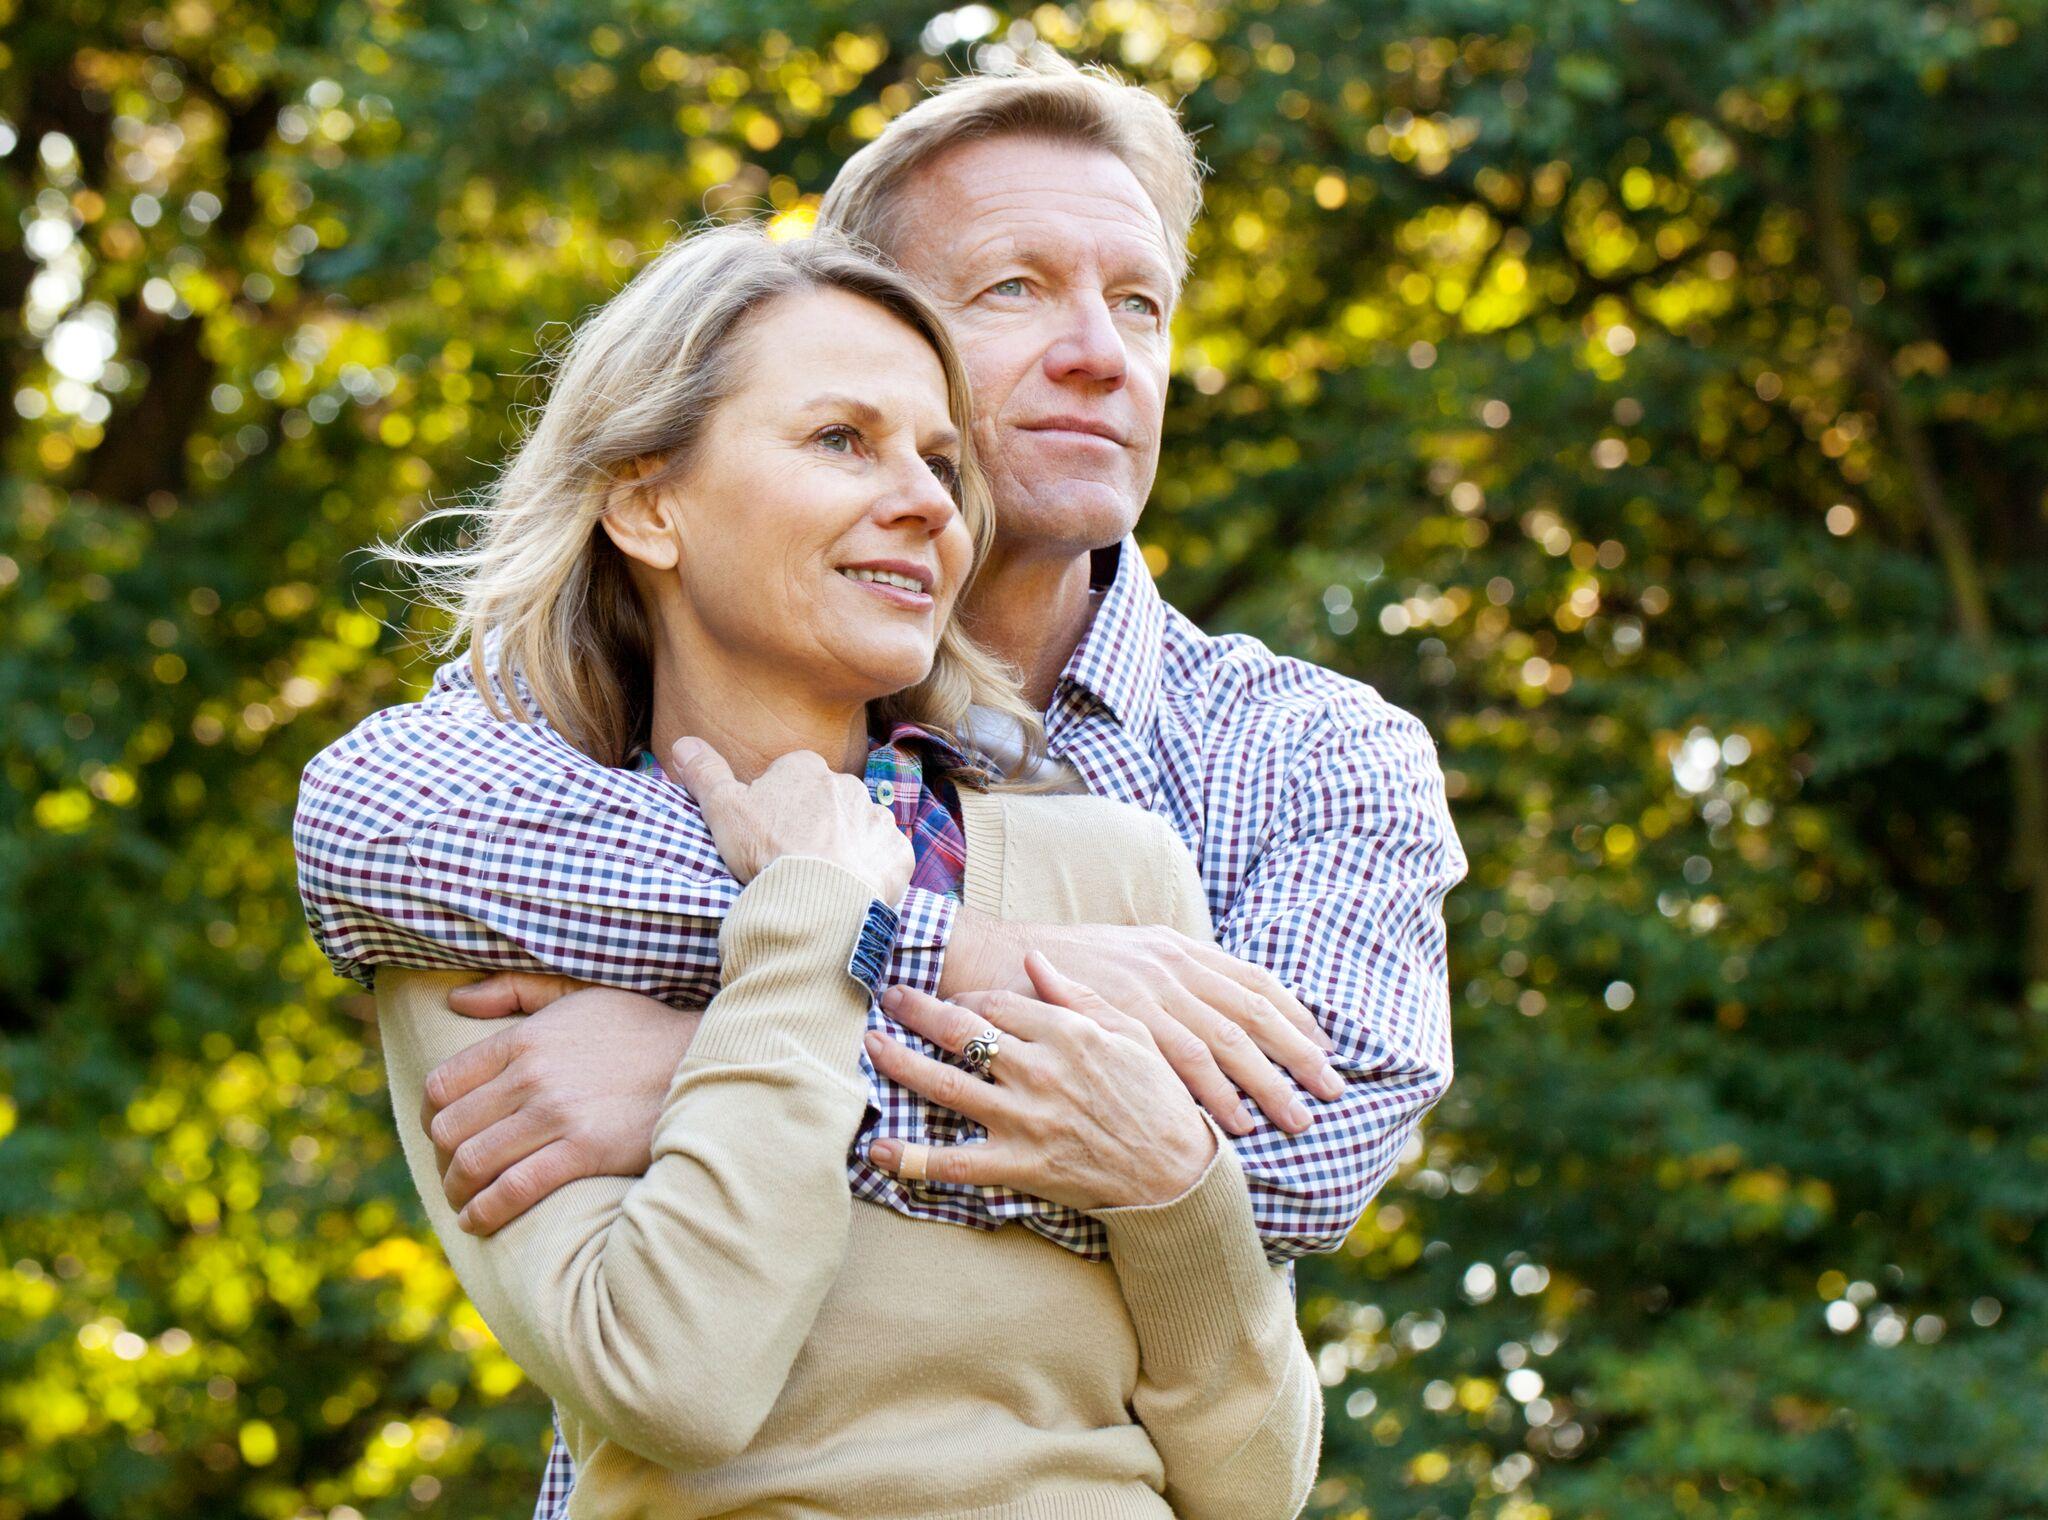 Couple Lifestyle Image